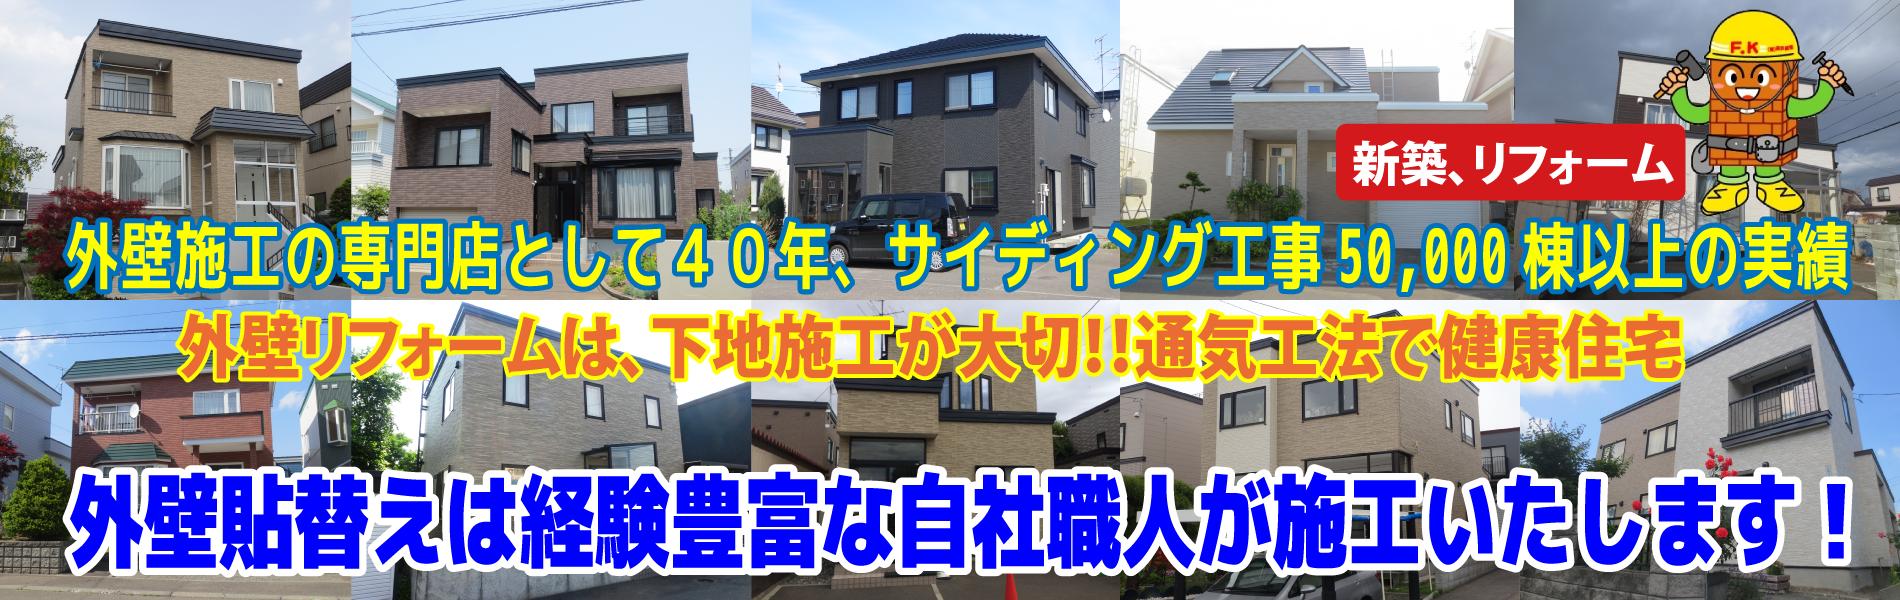 外壁技術のトップメーカー藤井建業